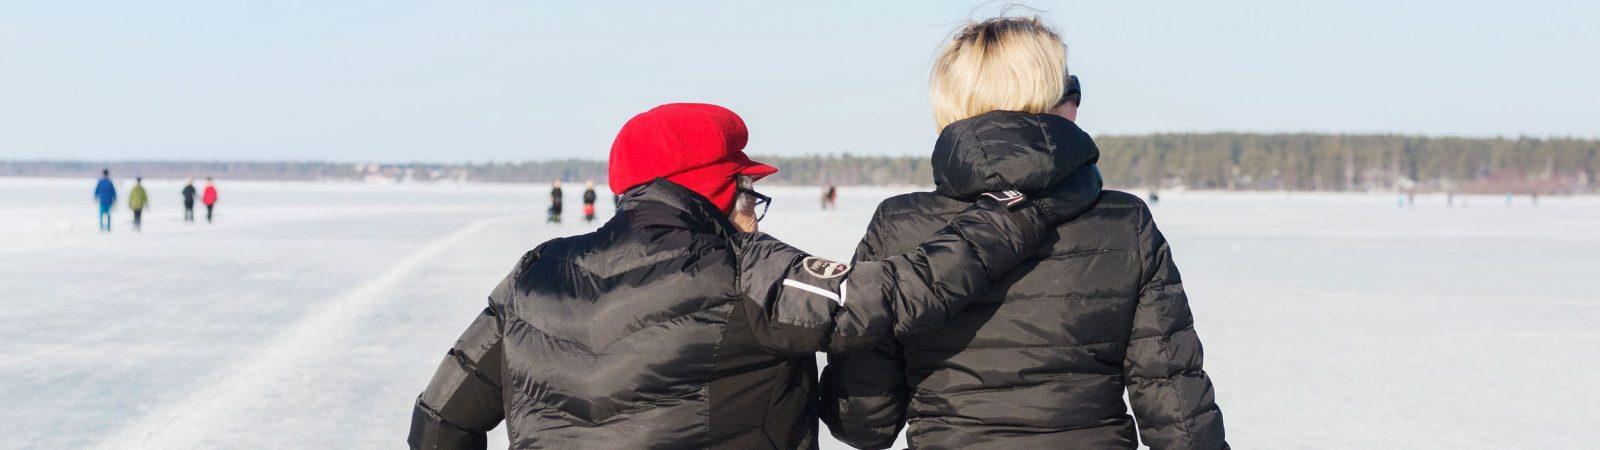 Kvinnor på is